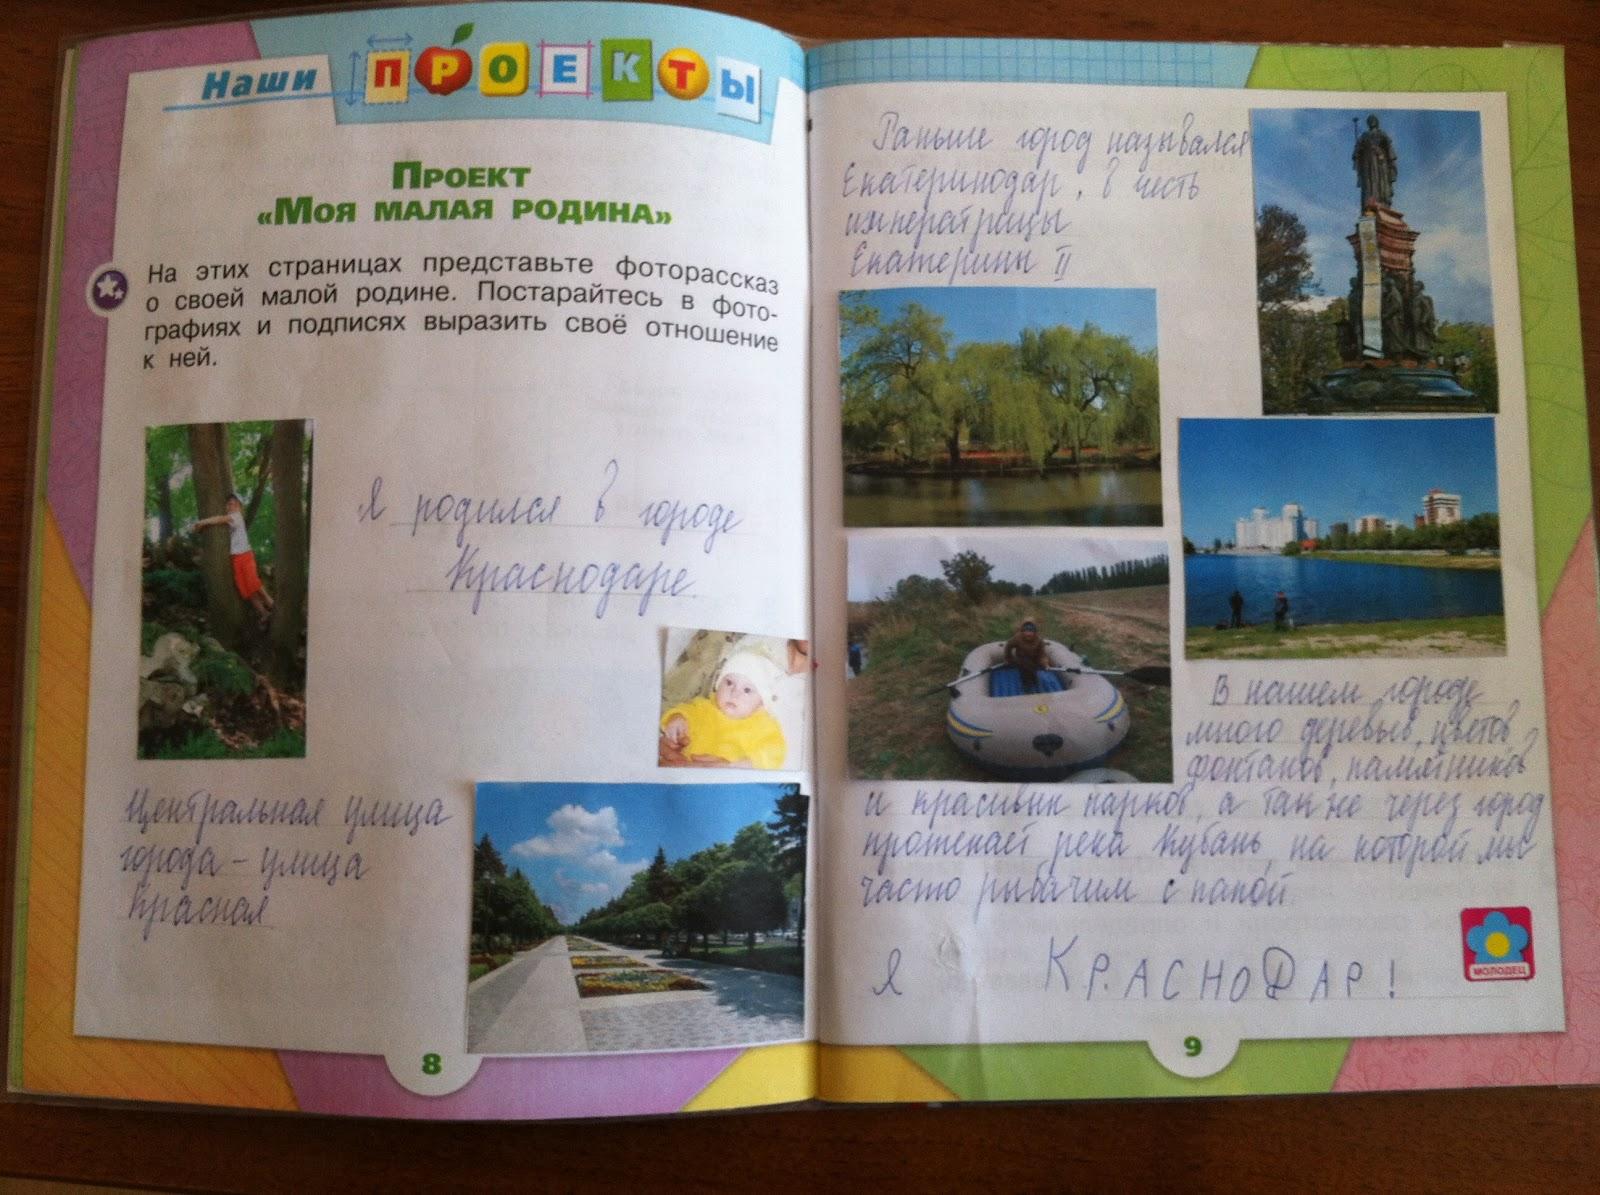 Как сделать проект моя родина 1 класс окружающий мир 708